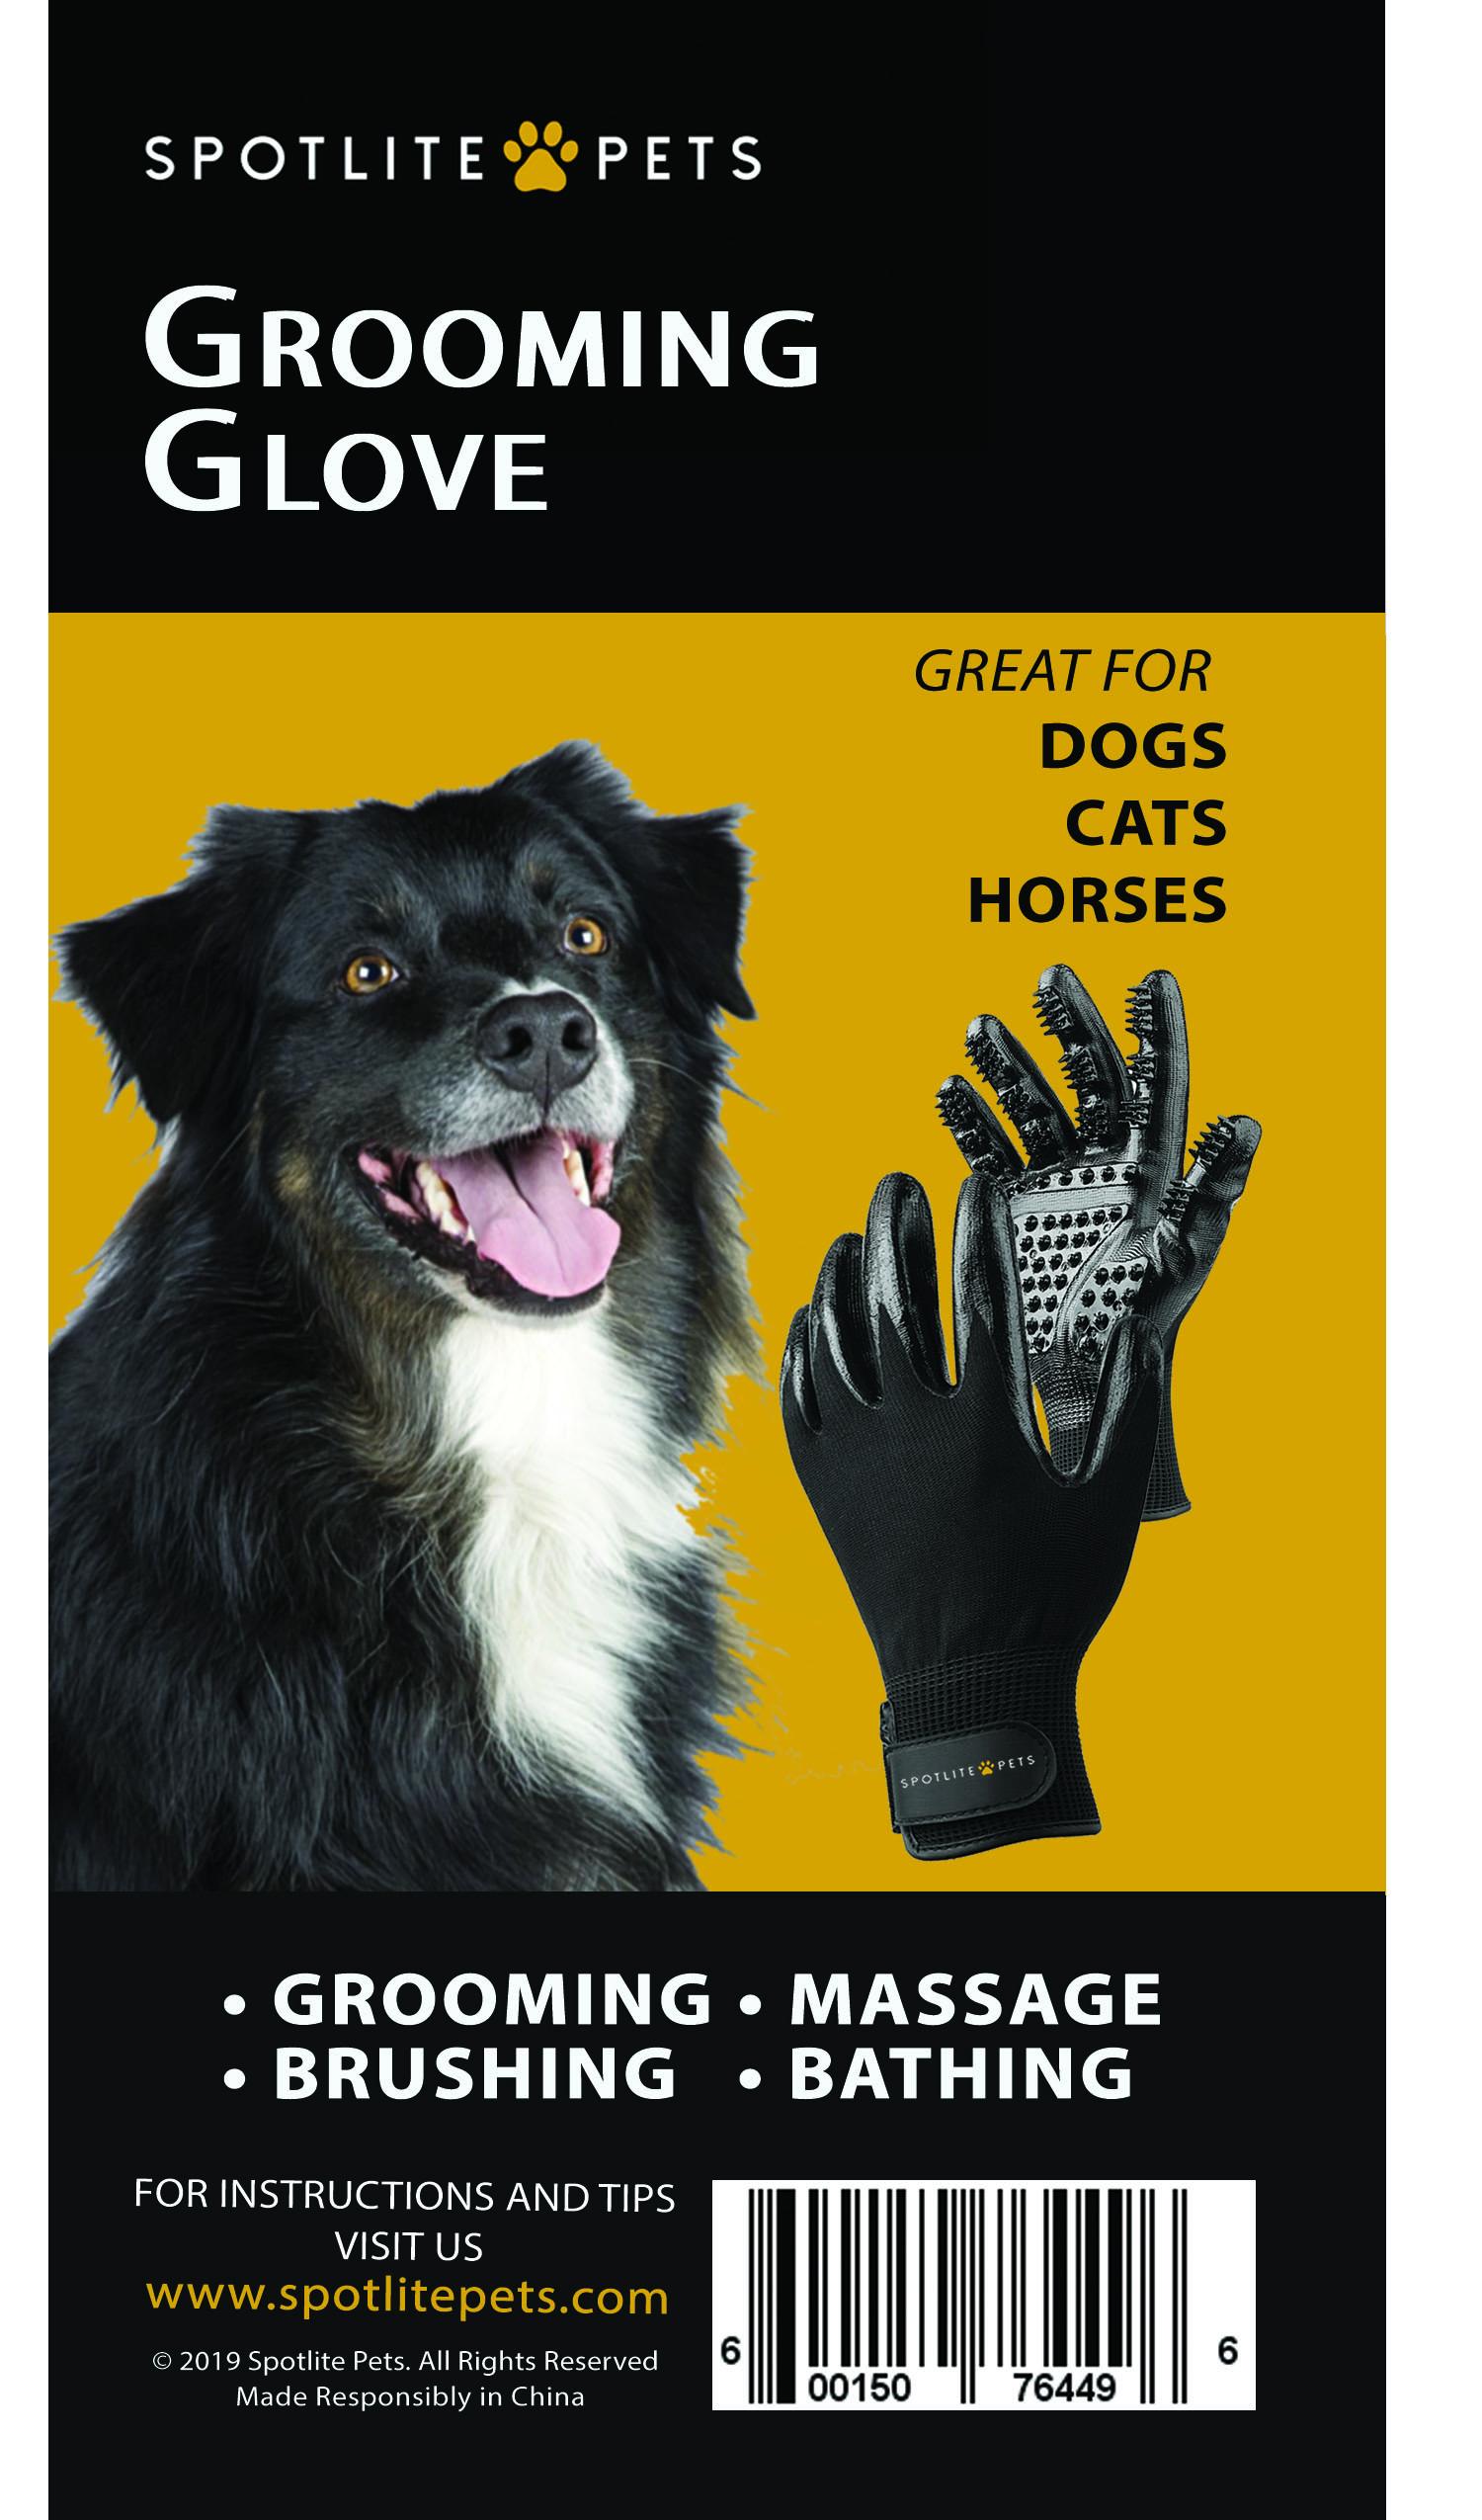 Spotlite Pets Grooming Glove